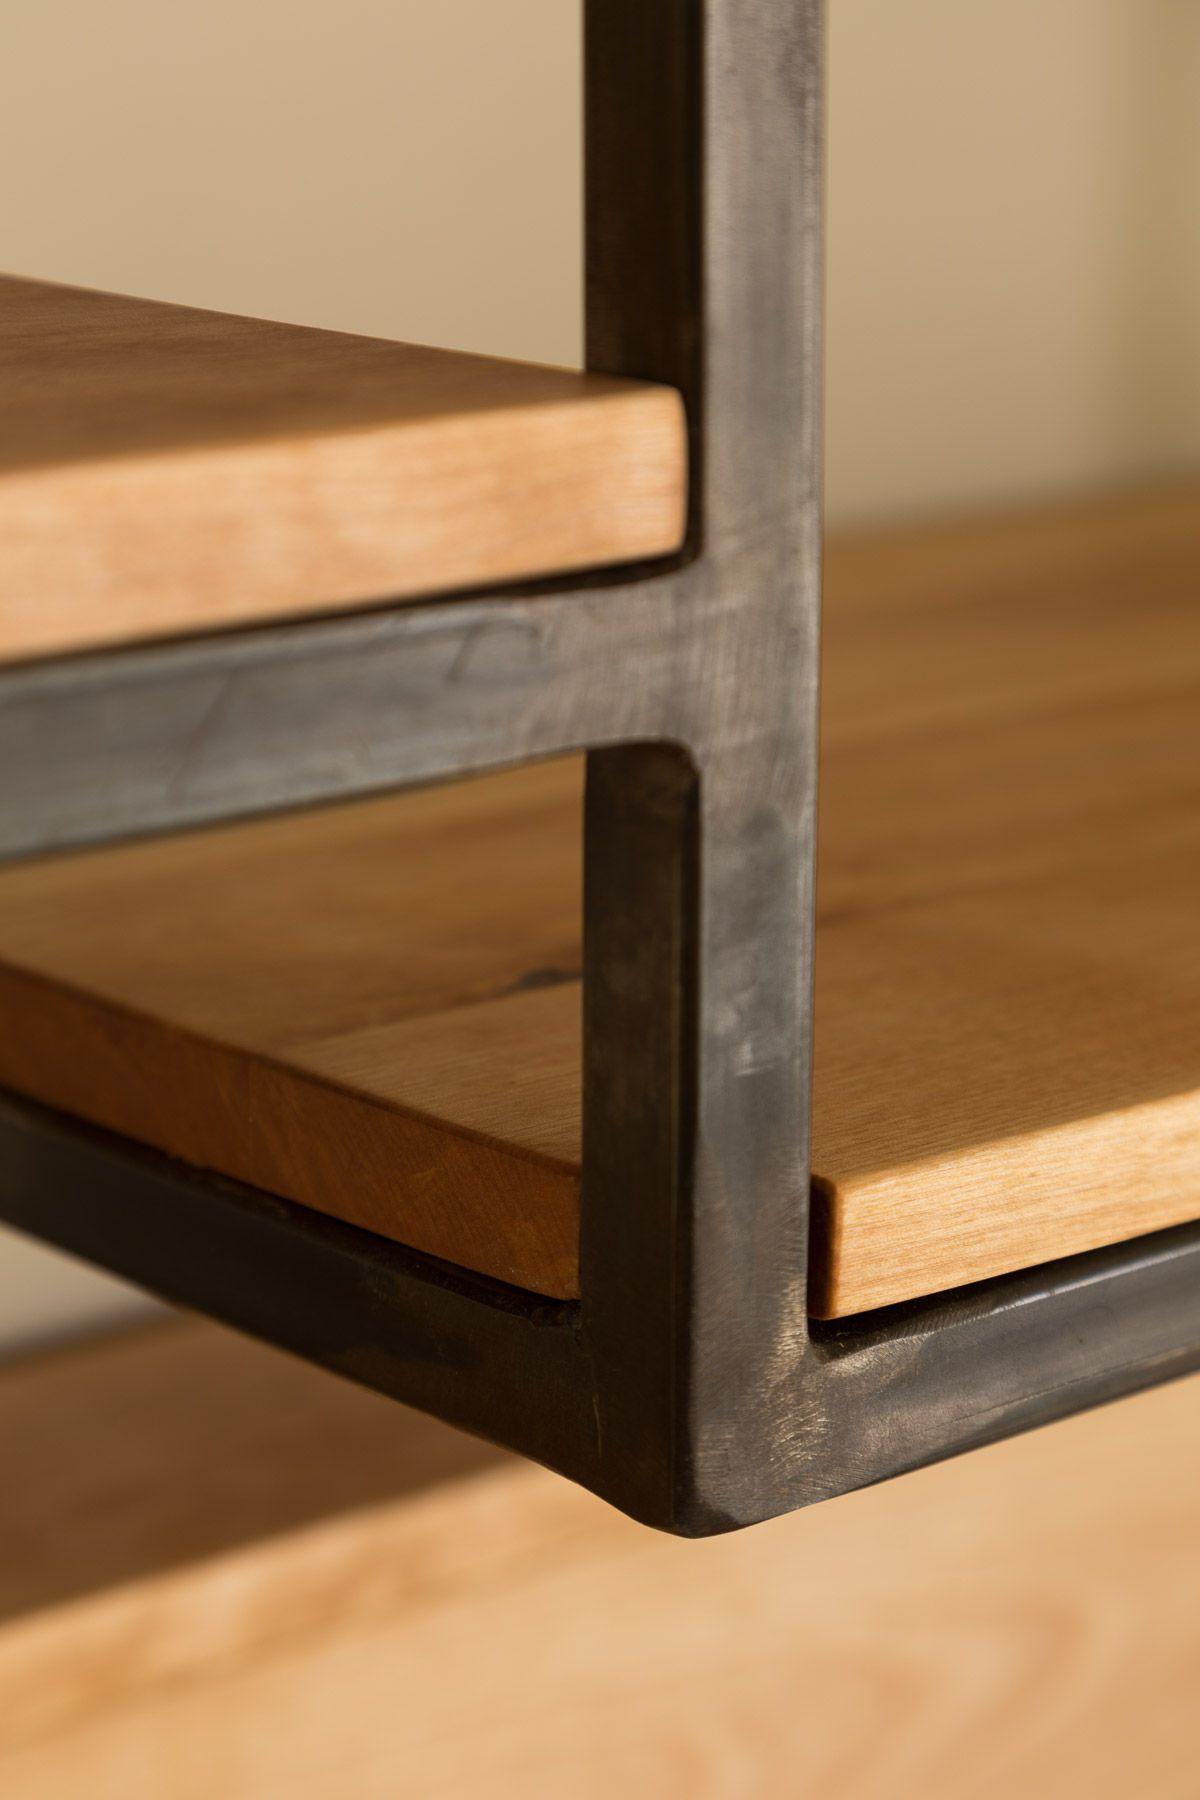 meuble en acier et merisier massif tables tournantes livres et vinyles books - Table Merisier Massif